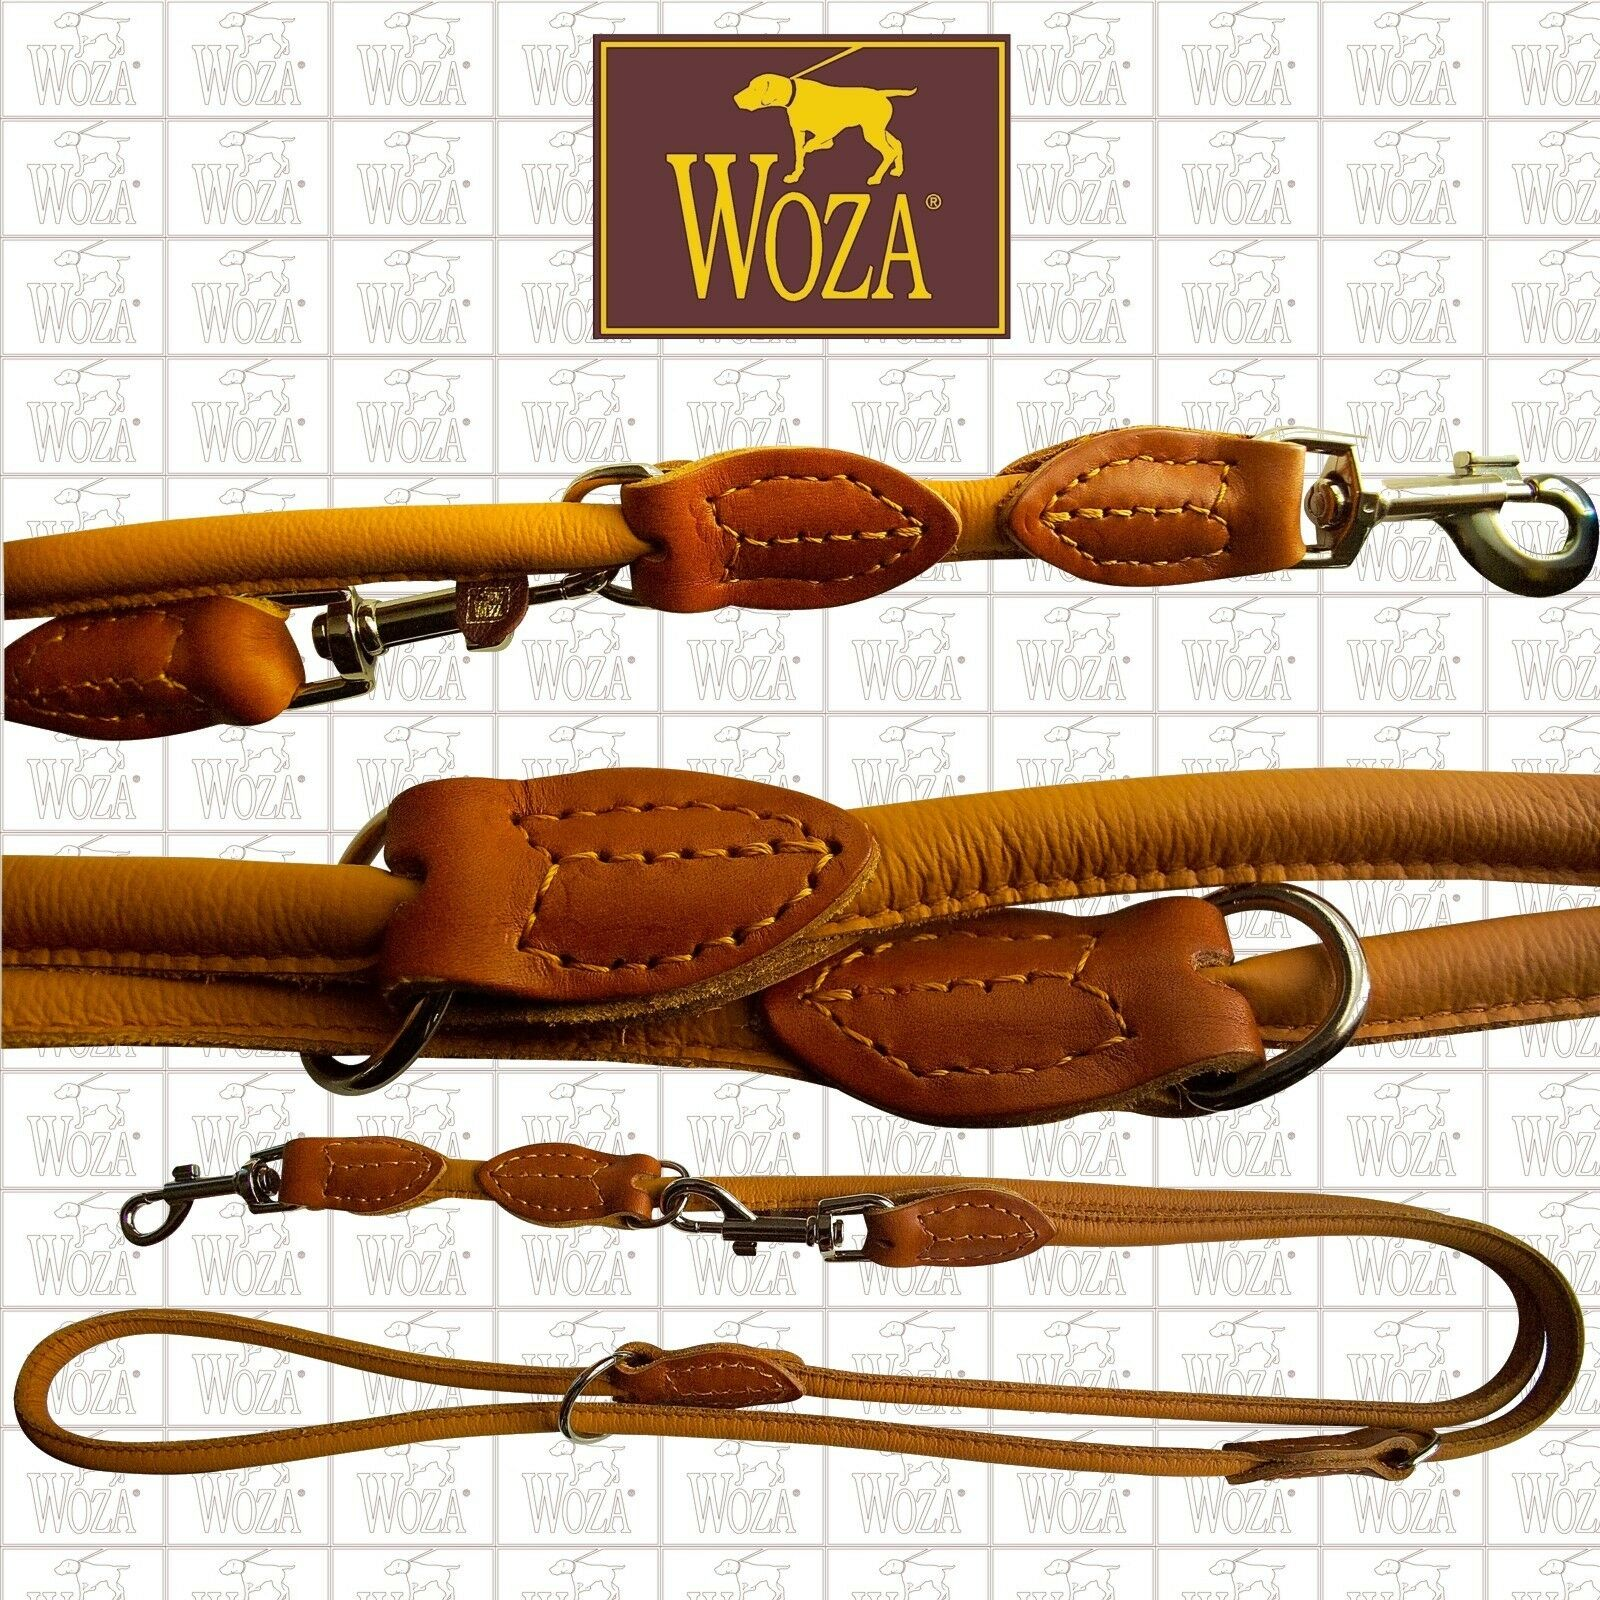 WOZA Hundeleine Rundgenäht Vollleder Lederleine Handgenäht Soft Rindnappa L821  | Vorzügliche Verarbeitung